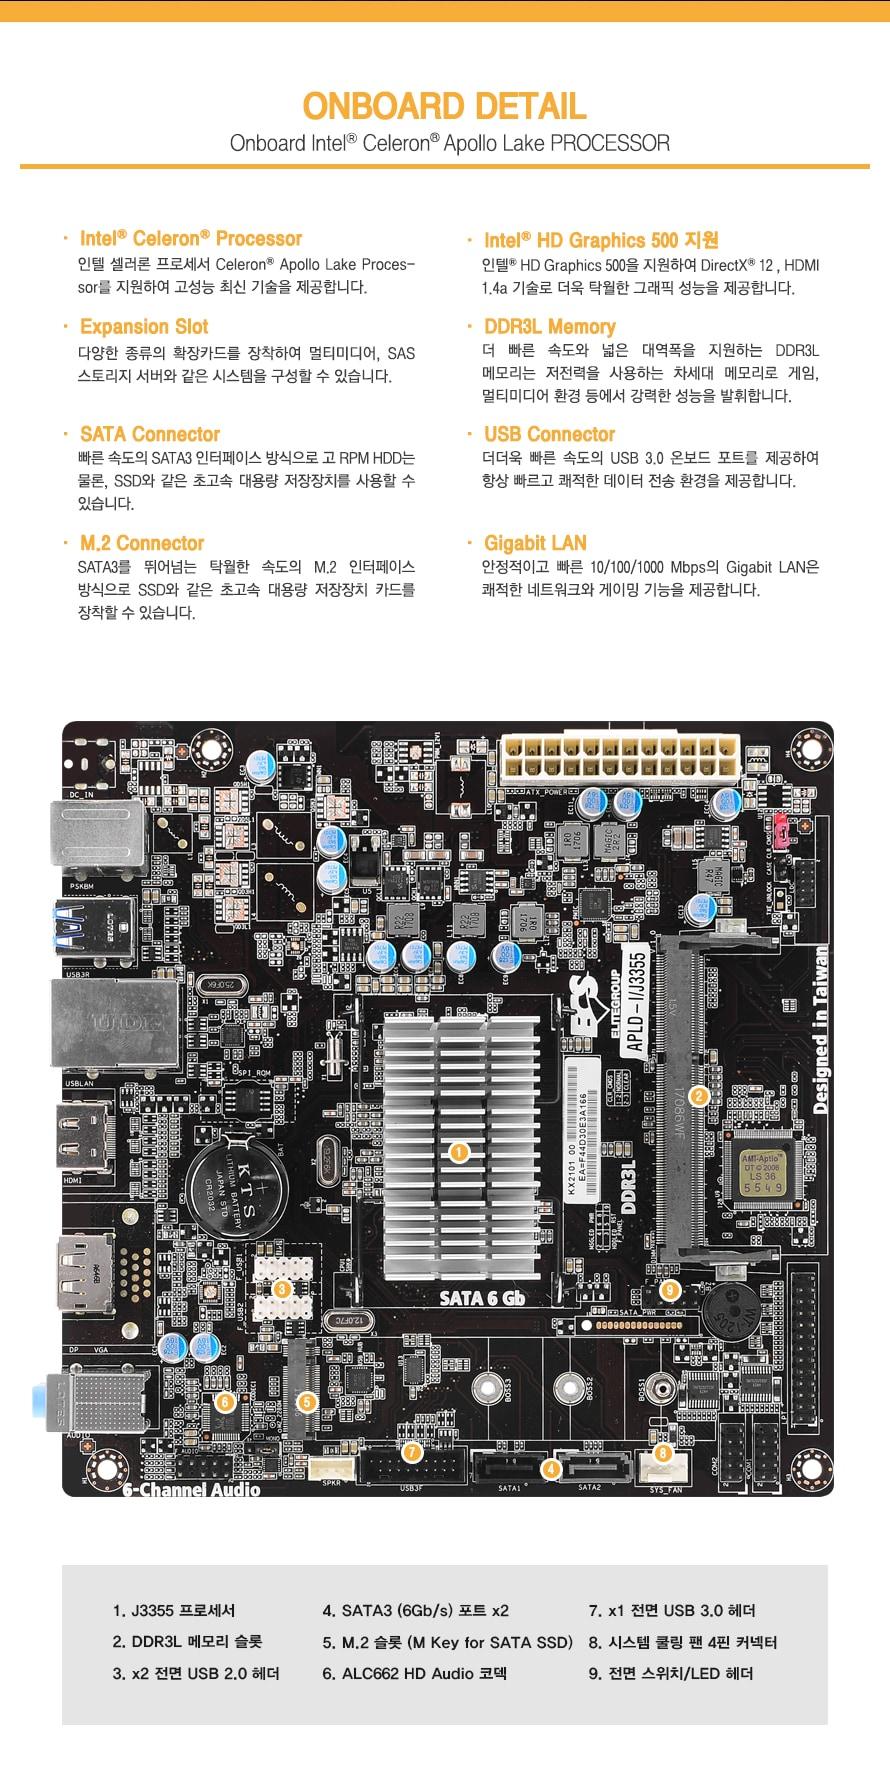 온보드 디테일                인텔 셀러론 프로세서를 지원하여 고성능 최신 기술을 제공합니다.                다양한 종류의 확장 카드를 장착하여 멀티미디어 및 SAS 스토리지 서버와 같은        시스템을 구성할 수 있습니다.                빠른 속도의 SATA3 인터페이스 방식으로 고 RPM HDD는 물론 SSD와 같은 초고속 대용량        저장장치를 사용할 수 있습니다.                SATA3를 뛰어넘는 탁월한 속도의 M.2 인터페이스 방식으로 SSD와 같은 초고속 대용량        저장장치 카드를 장착할 수 있습니다.                 인텔 HD 그래픽스 500을 지원하여 다이렉트 X 12및 HDMI 1.4A 기술로 더욱 탁월한         그래픽 성능을 제공합니다                더 빠른 속도와 넓은 대역폭을 지원하는 DDR3L 메모리는 저전력을 사용하는 차세대        메모리로 게임과 멀티미디어 환경등에서 강력한 성능을 발휘합니다.                더더욱 빠른 속도의 USB3.0 온보드 포트를 제공하여 항상 빠르고 쾌적한 데이터 전송        환경을 제공합니다.                안정적이고 빠른 기가비트 랜은 쾌적한 네트워크와 게이밍 기능을 제공합니다.